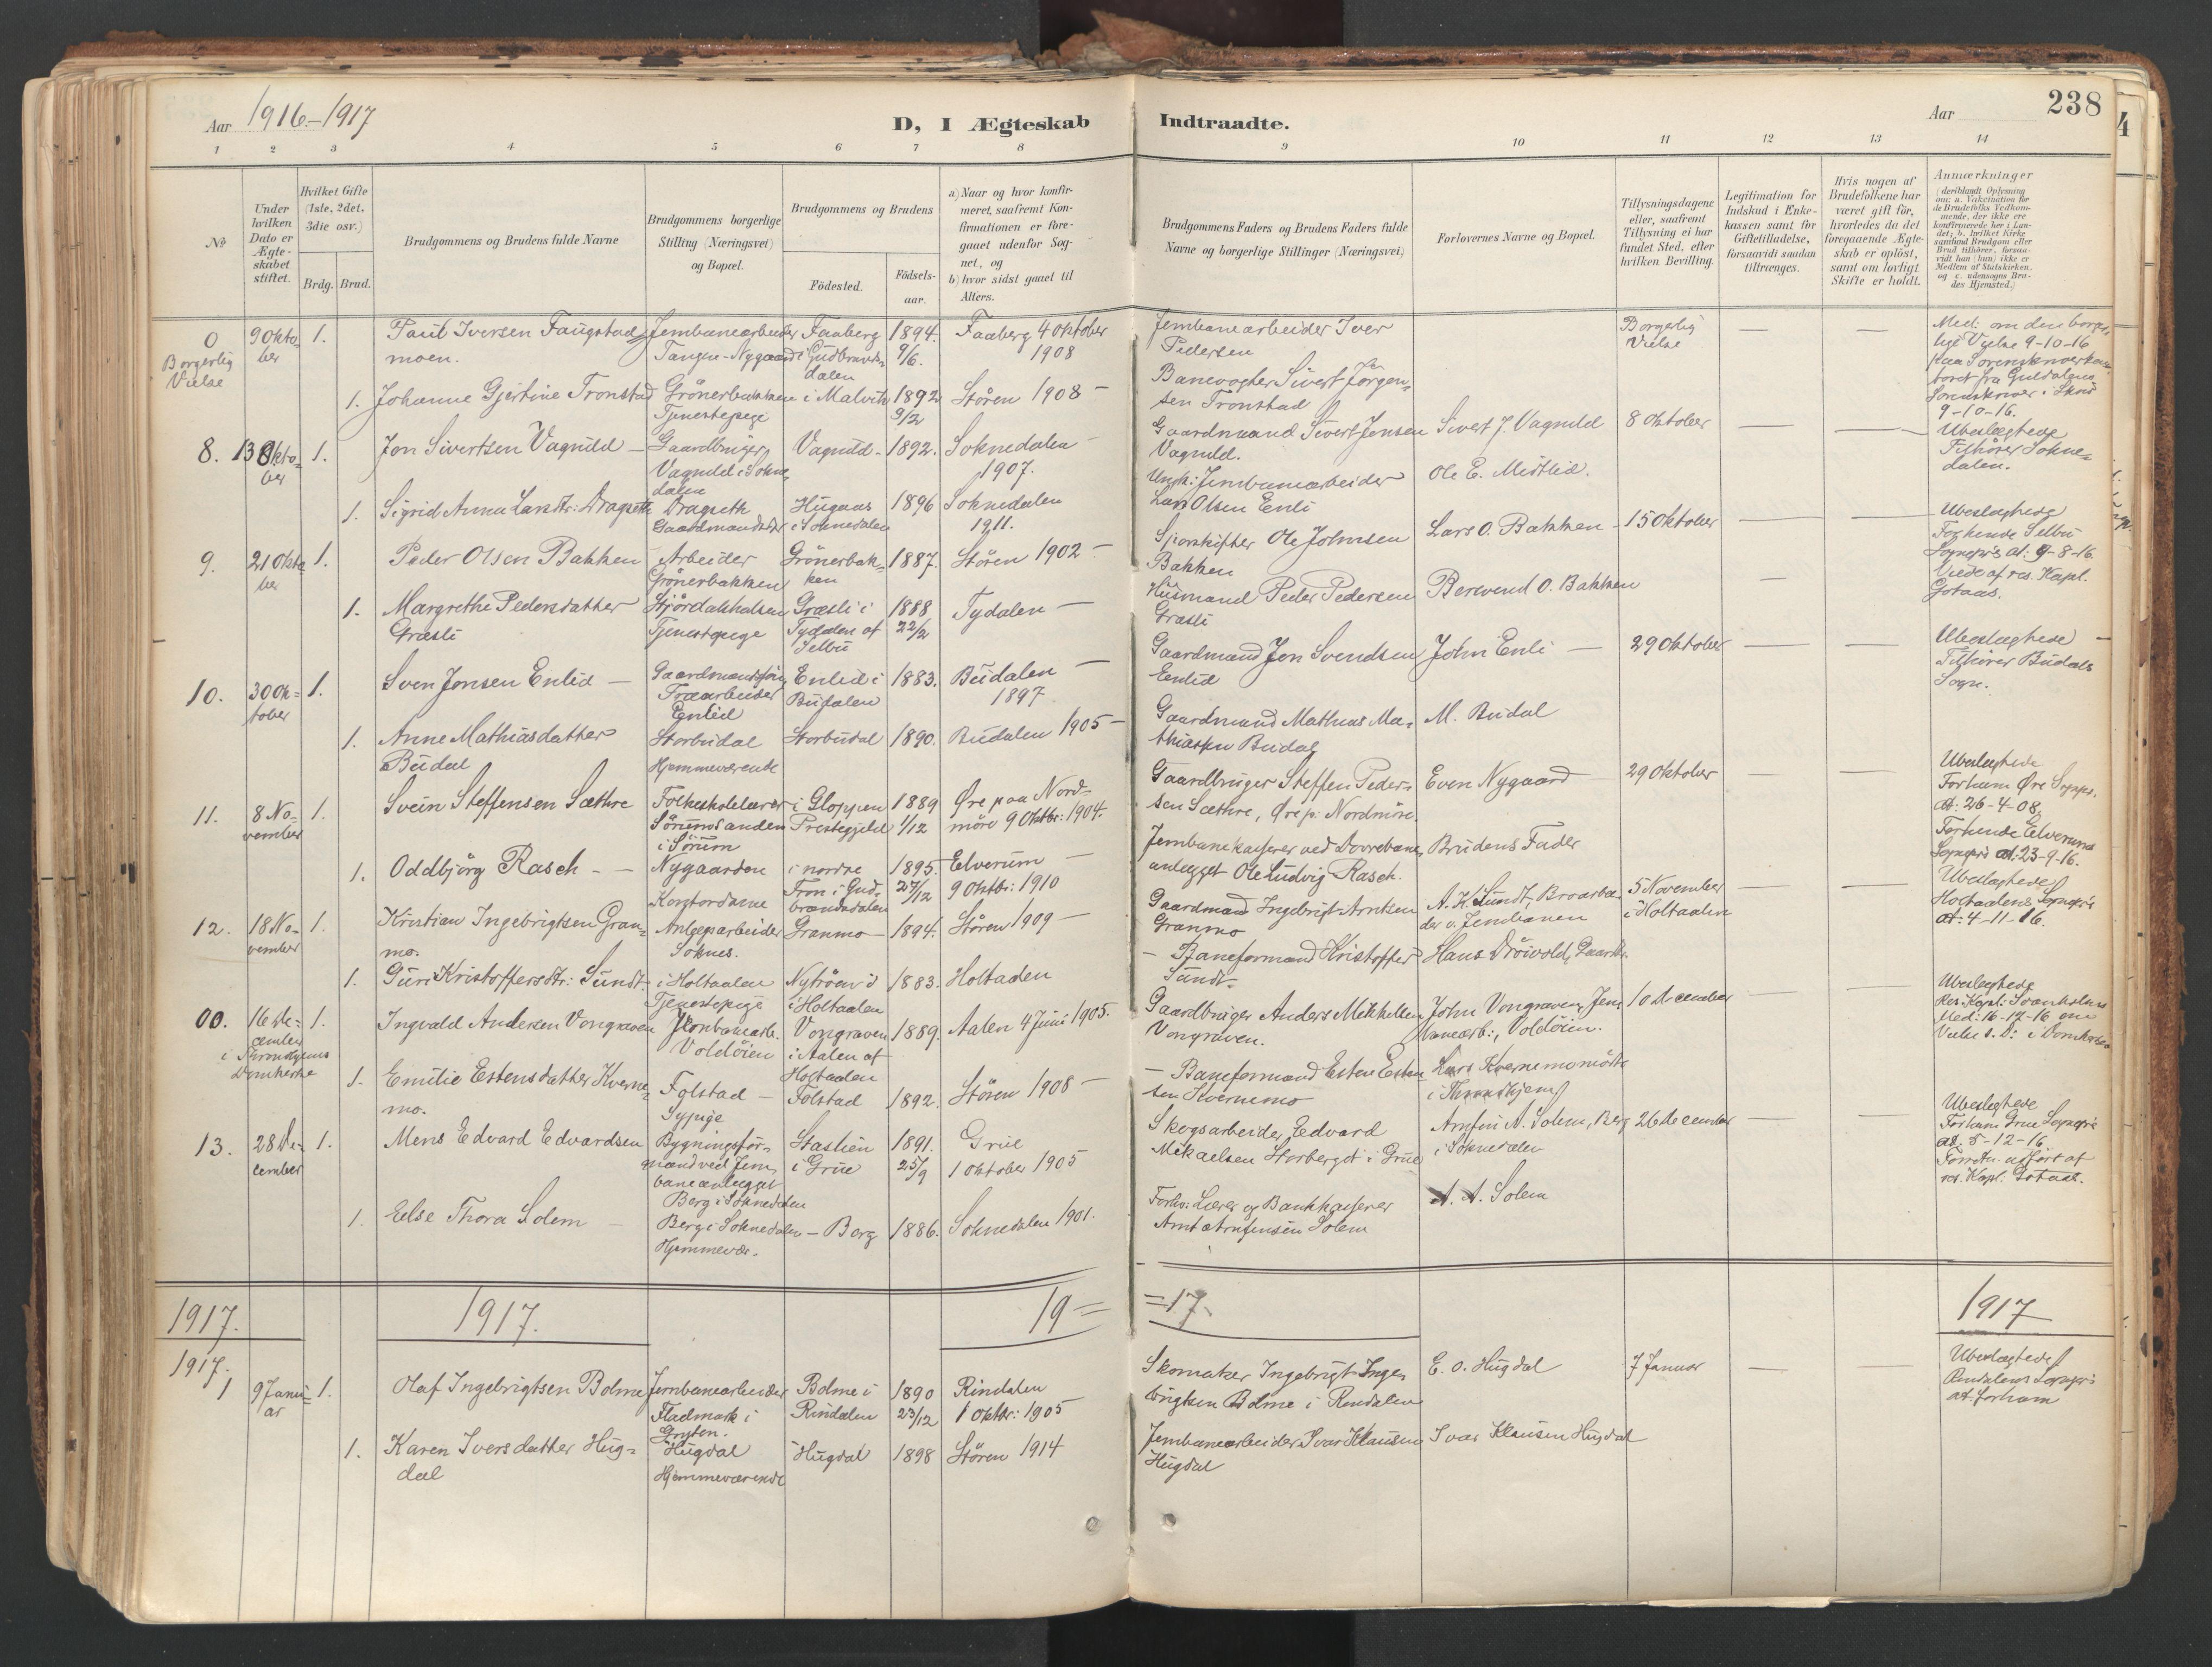 SAT, Ministerialprotokoller, klokkerbøker og fødselsregistre - Sør-Trøndelag, 687/L1004: Ministerialbok nr. 687A10, 1891-1923, s. 238